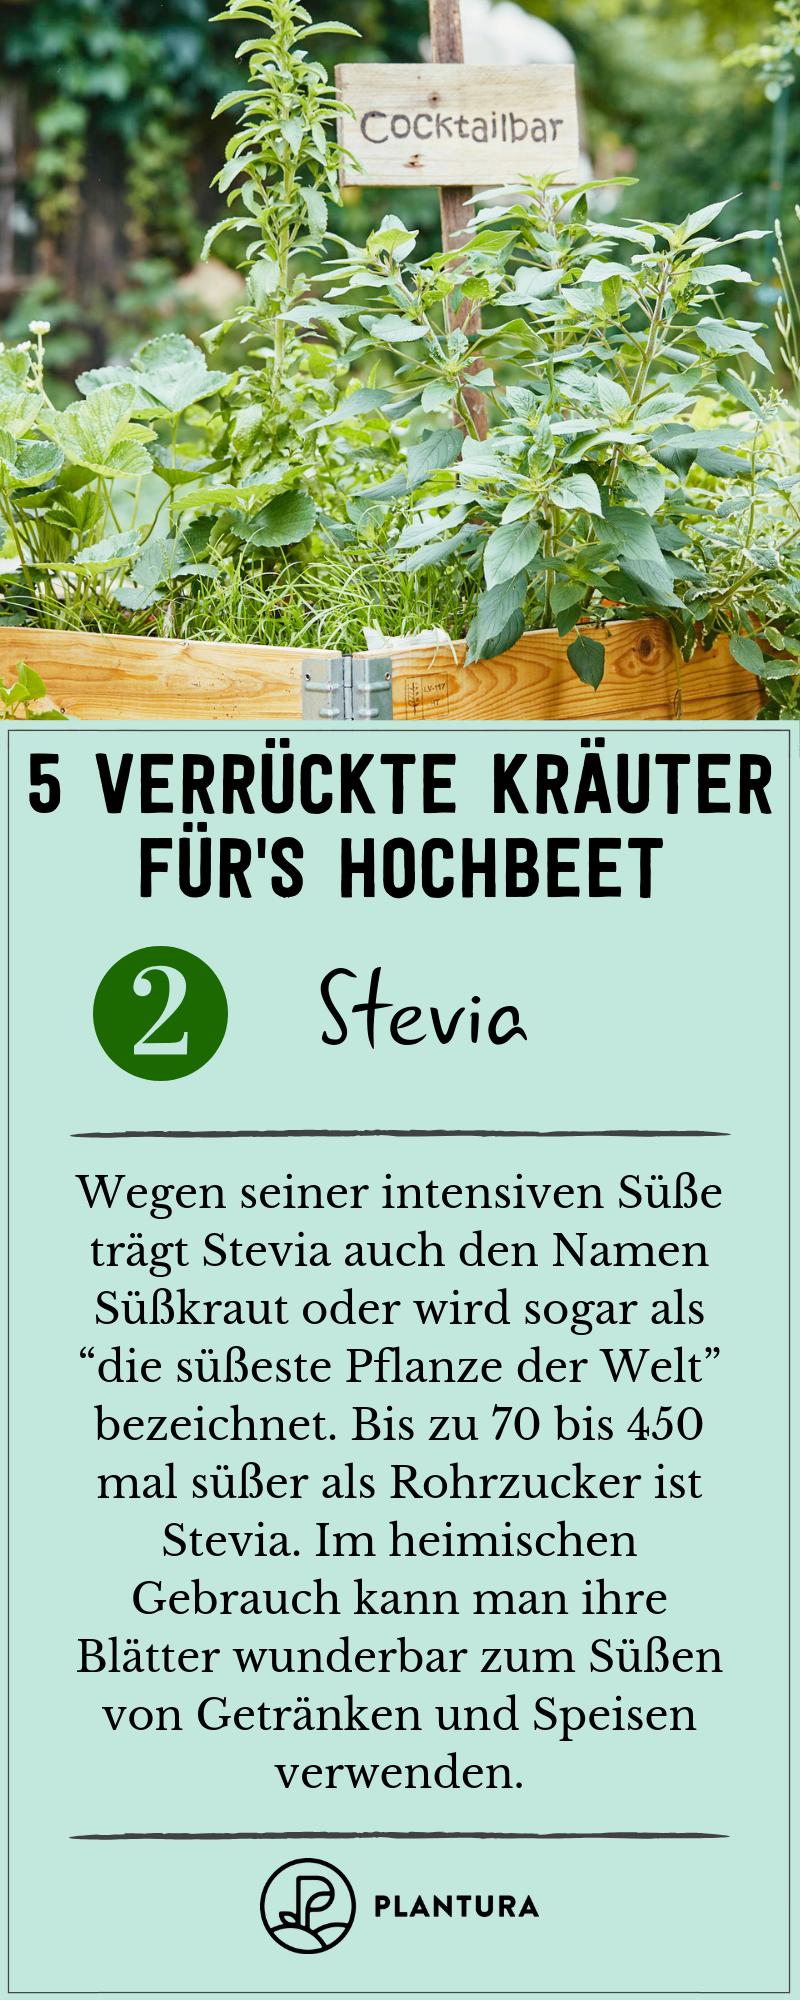 Verruckte Krauter Fur Das Hochbeet Die Top 5 Hochbeet Stevia Pflanze Und Krauter Anpflanzen